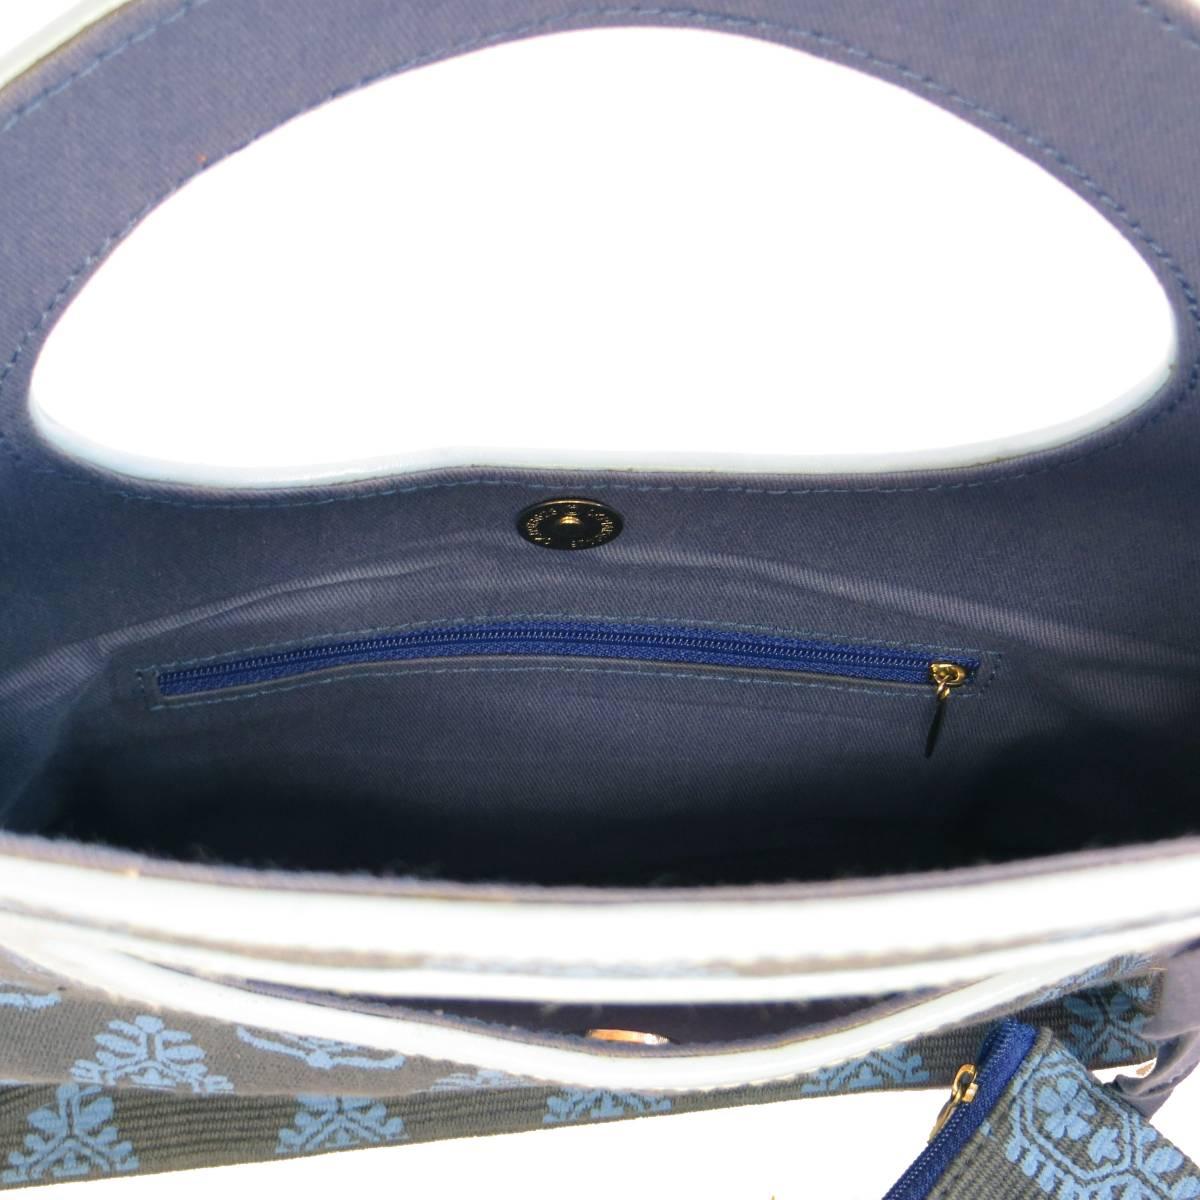 バッグ レディース 新品 本革 牛革とジュート製 エスニックプリント 海外 ブランド 送料無料 (621)_画像6